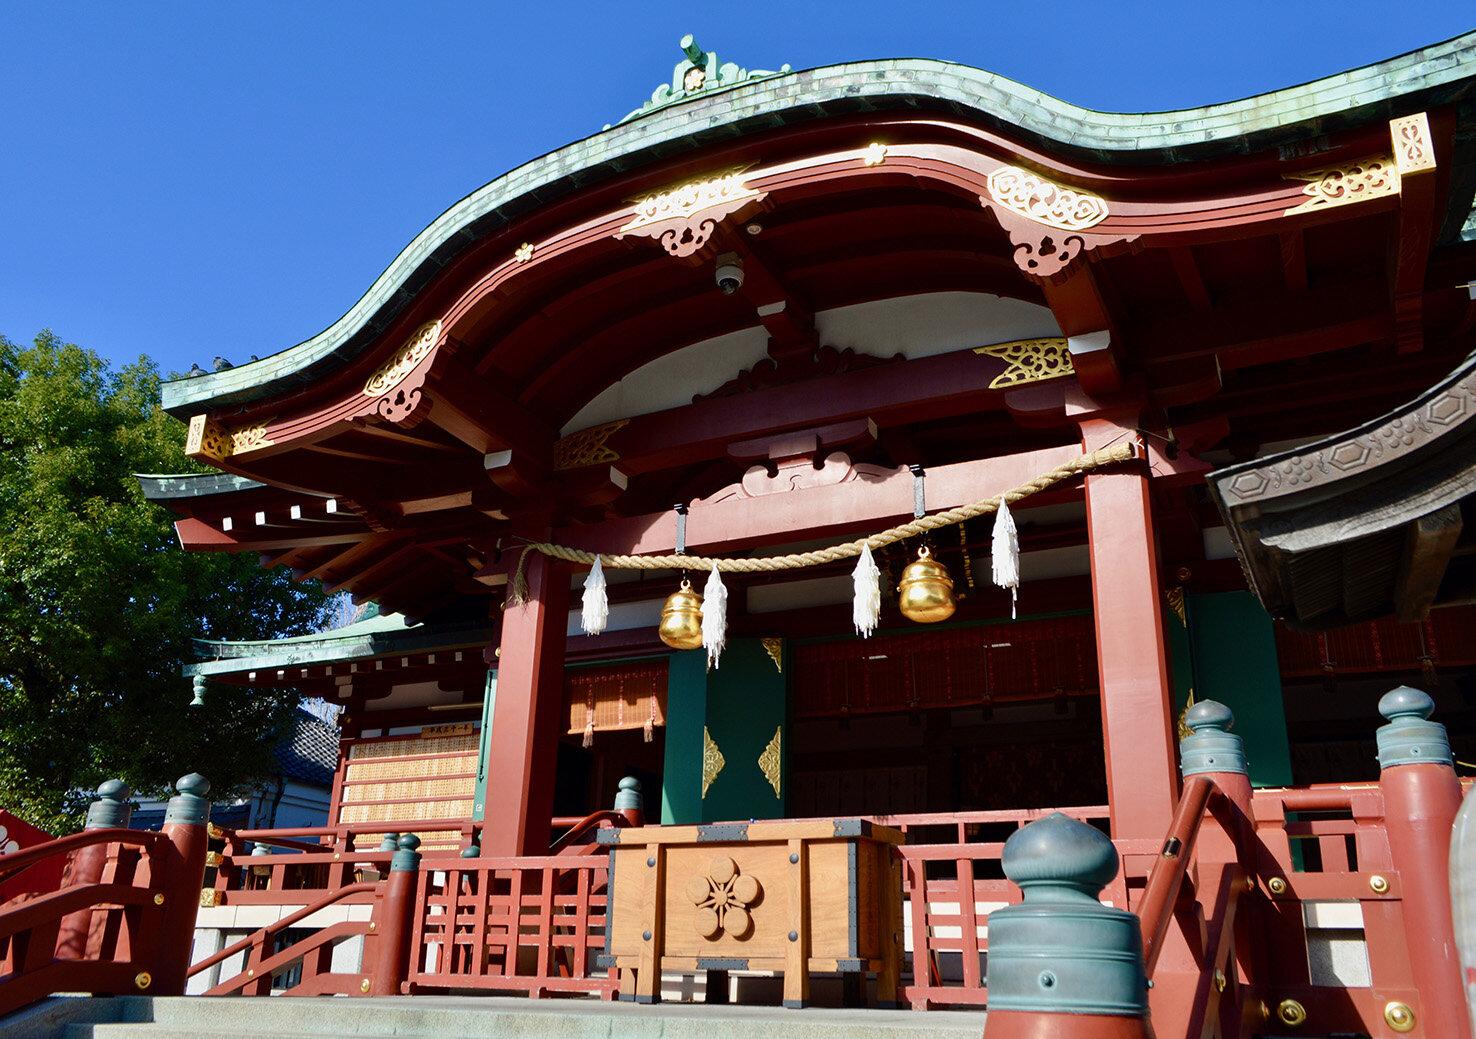 神社での参拝方法 -亀戸天神社-